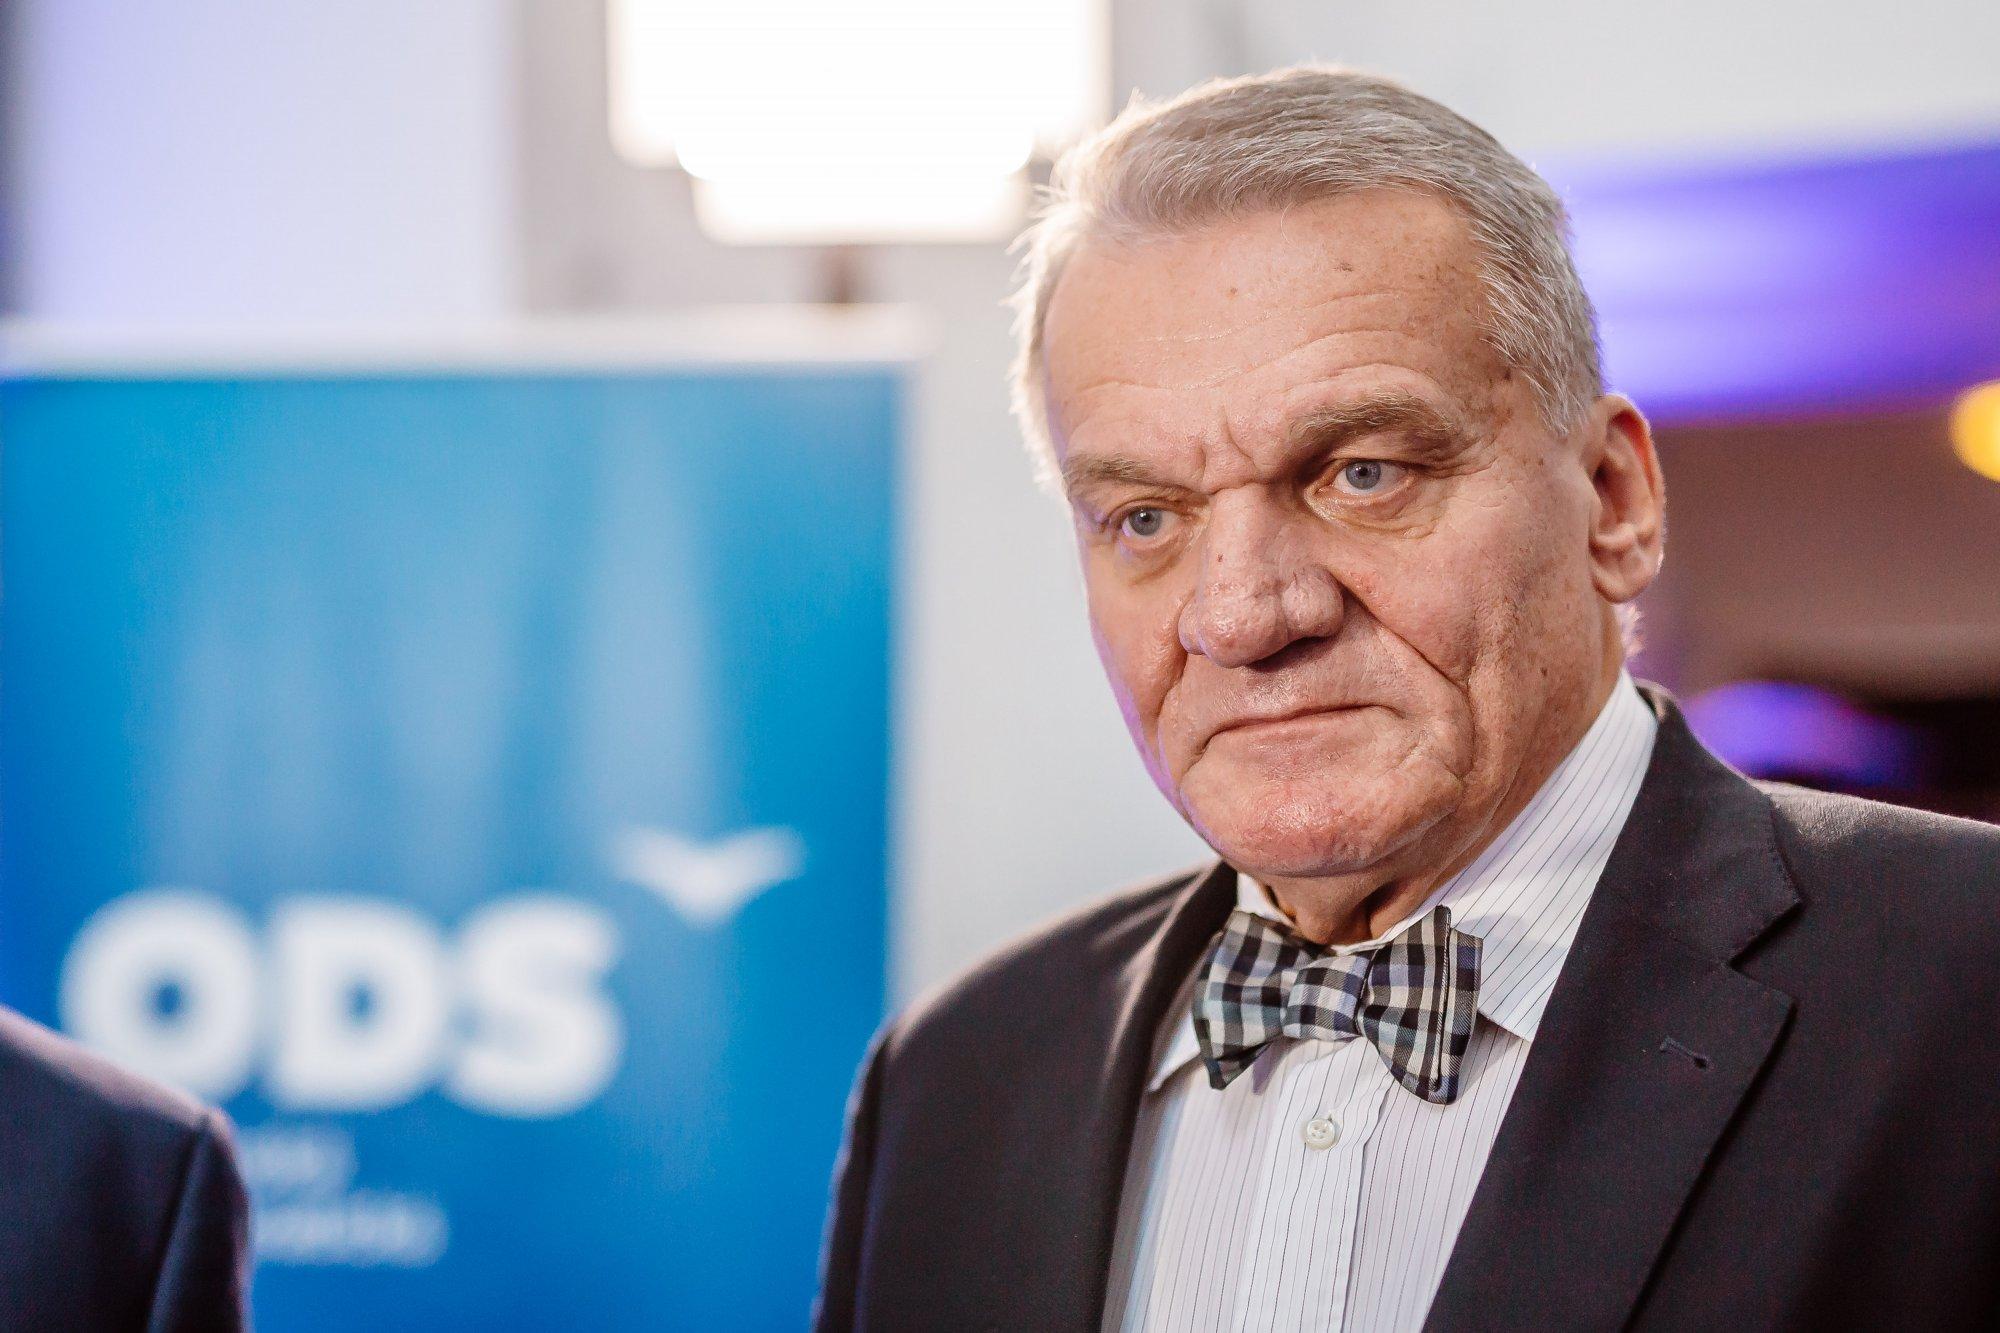 ČRo Plus: Populaci bez protilátek hrozí nové vlny onemocnění covid-19